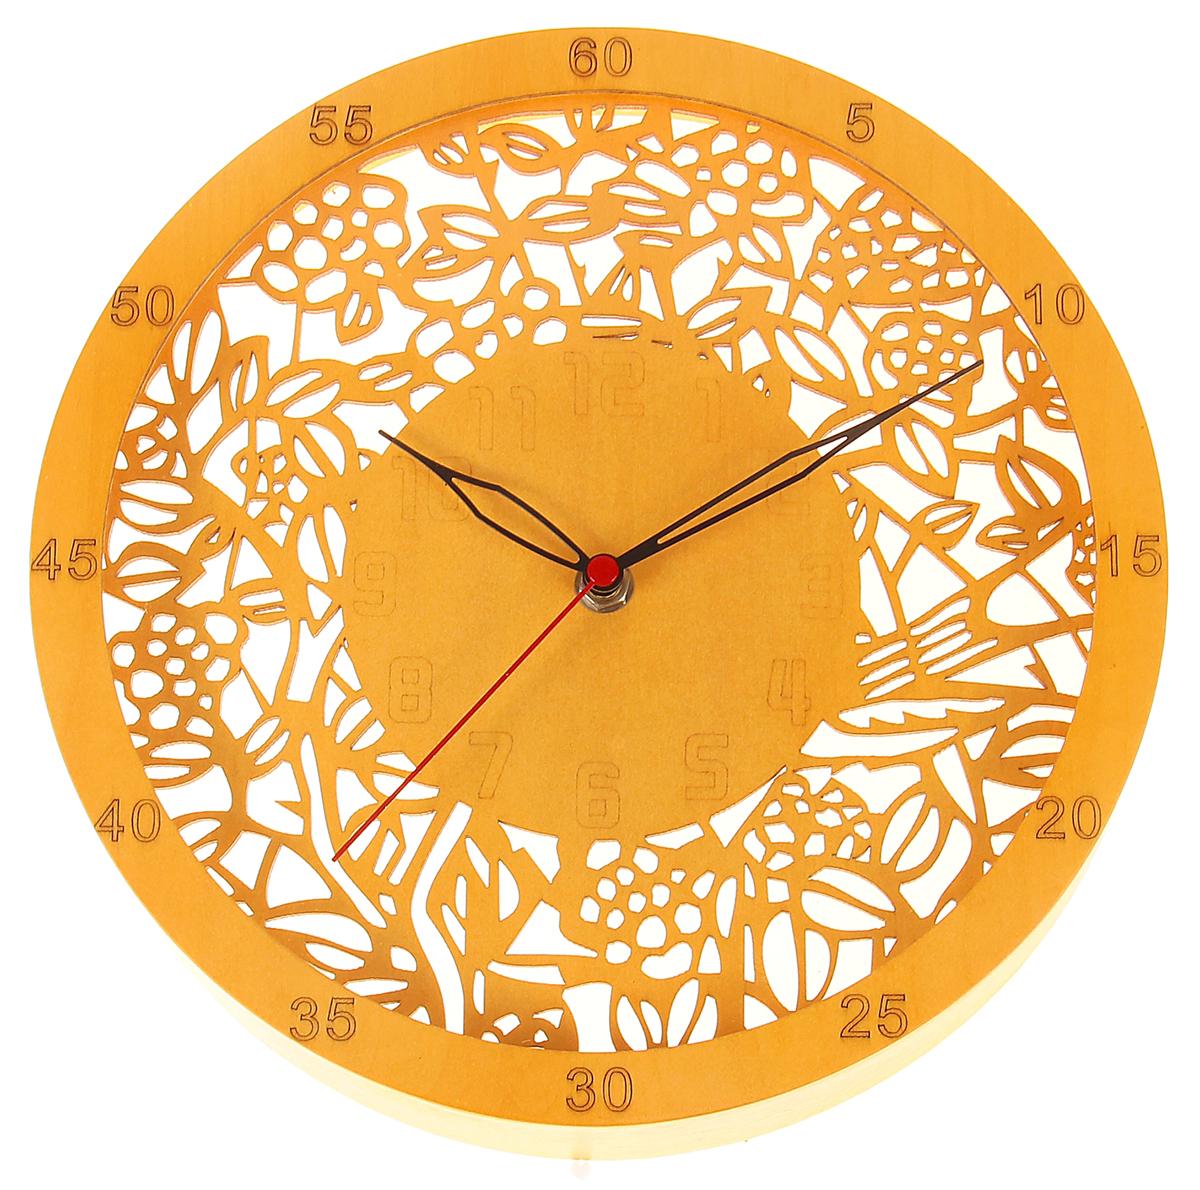 Часы настенные Дерево. Ажурные листья, диаметр 25 см1031033Каждому хозяину периодически приходит мысль обновить свою квартиру, сделать ремонт, перестановку или кардинально поменять внешний вид каждой комнаты. Часы настенные интерьерные Серия Дерево. Ажурные листья, d=25 см — привлекательная деталь, которая поможет воплотить вашу интерьерную идею, создать неповторимую атмосферу в вашем доме. Окружите себя приятными мелочами, пусть они радуют глаз и дарят гармонию.Часы настенные серии Дерево круг Ажурные листья, d=25см 1031033